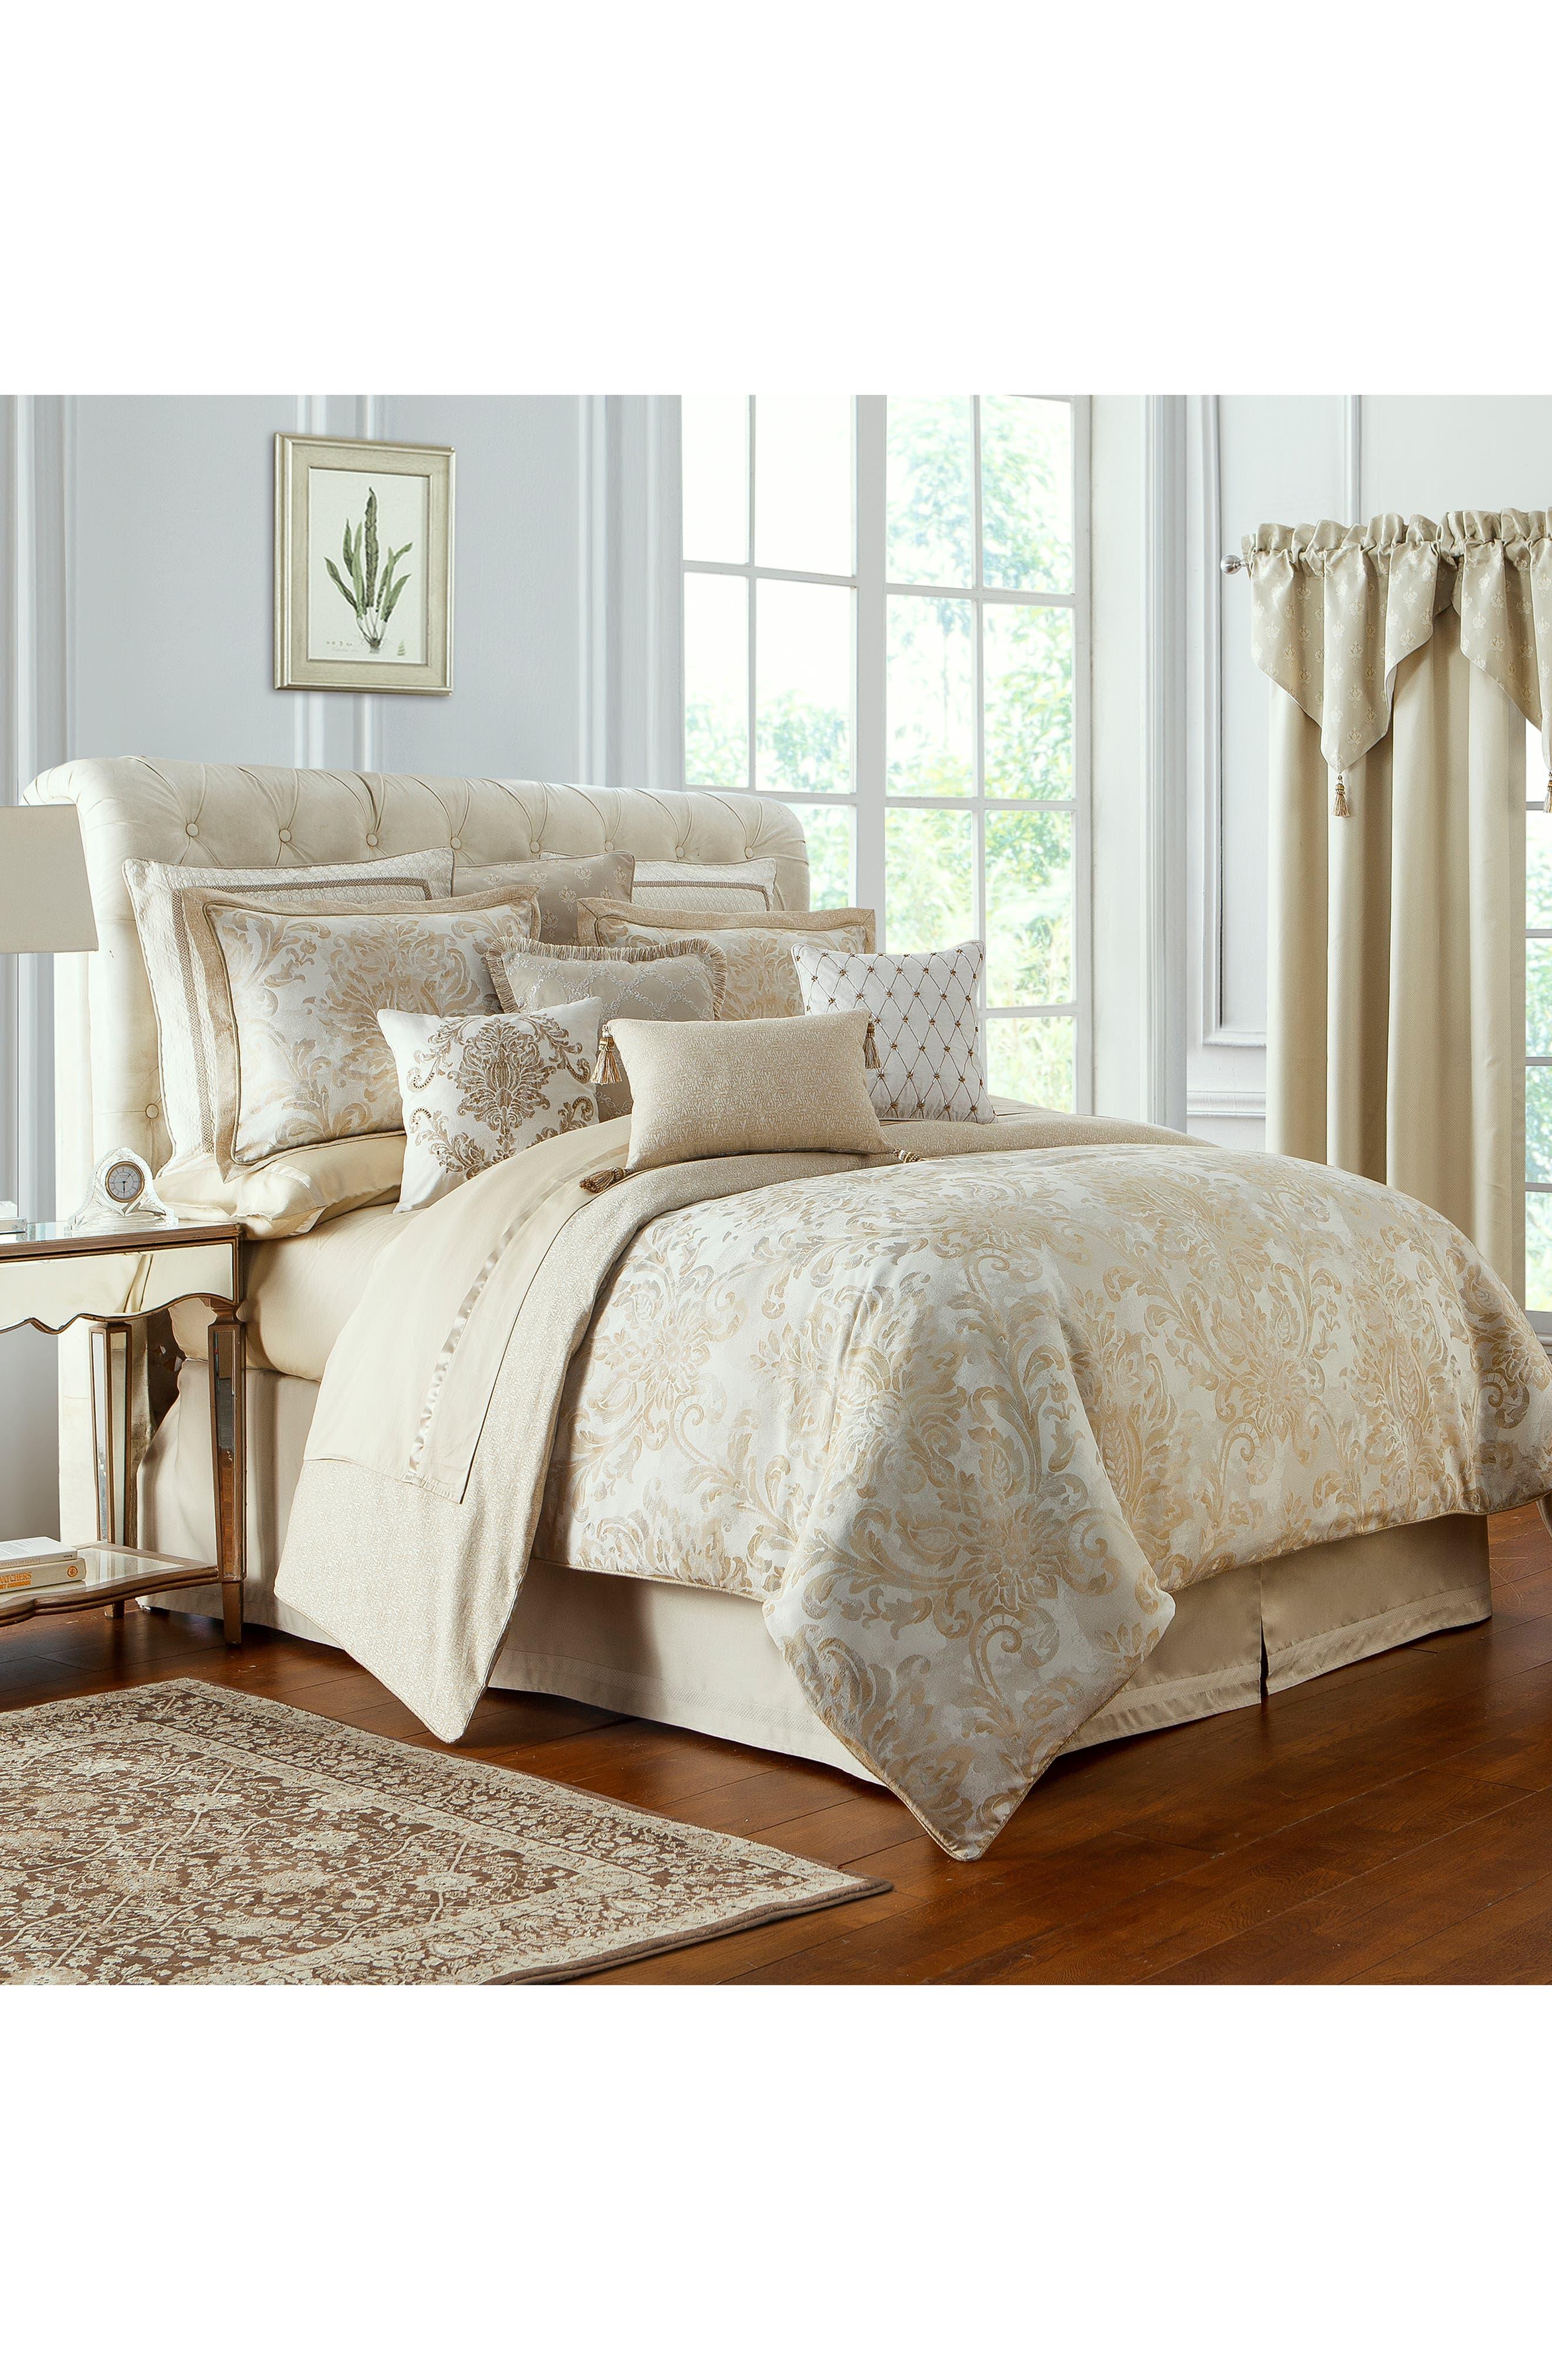 Annalise Reversible Comforter, Sham & Bed Skirt Set,                             Alternate thumbnail 9, color,                             GOLD